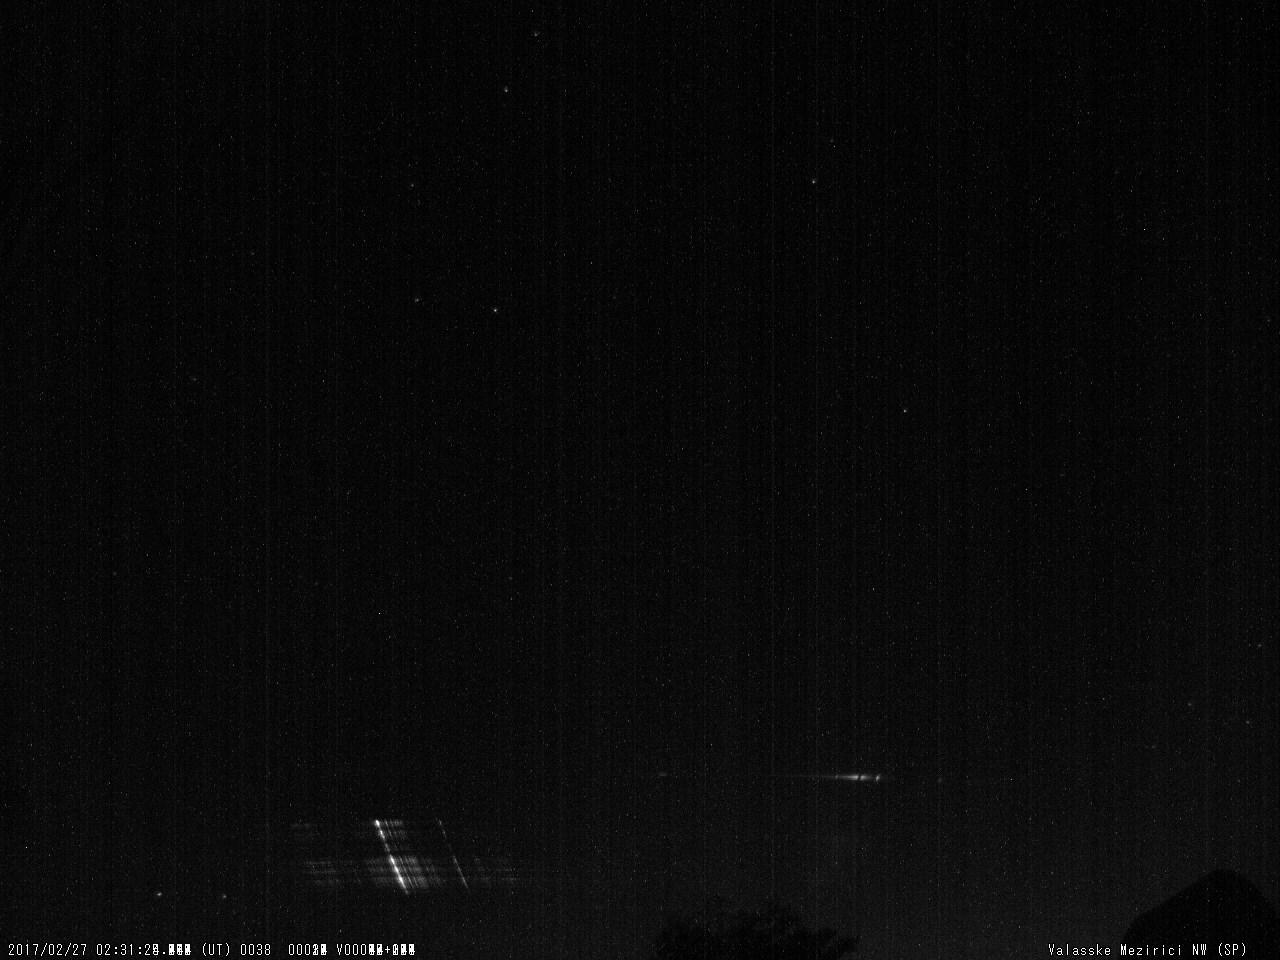 Obr. 10: Spektrum jasného meteoru 20170227_023124, spektrograf SPNW. Autor: Hvězdárna Valašské Meziříčí